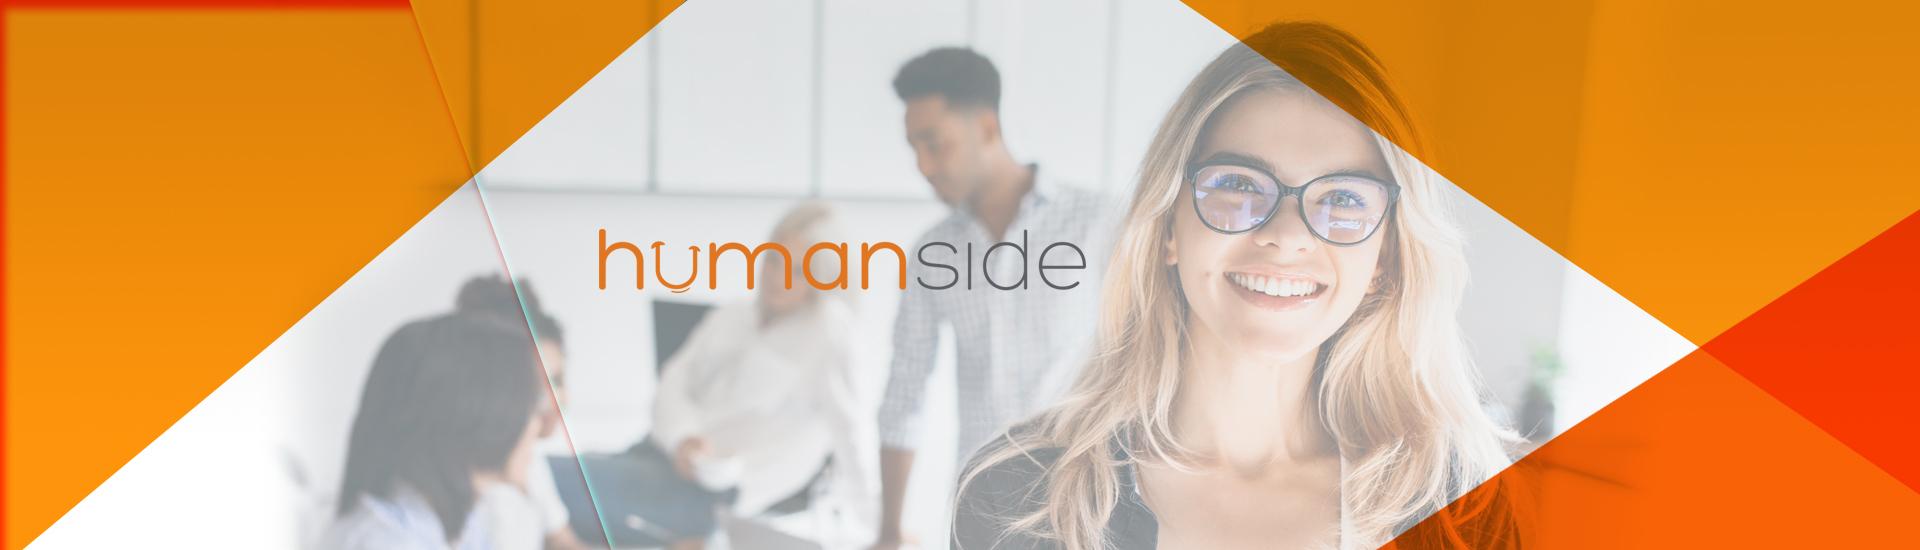 F3M quer transformar a gestão de recursos humanos e promover o bem-estar dos colaboradores com projeto inovador